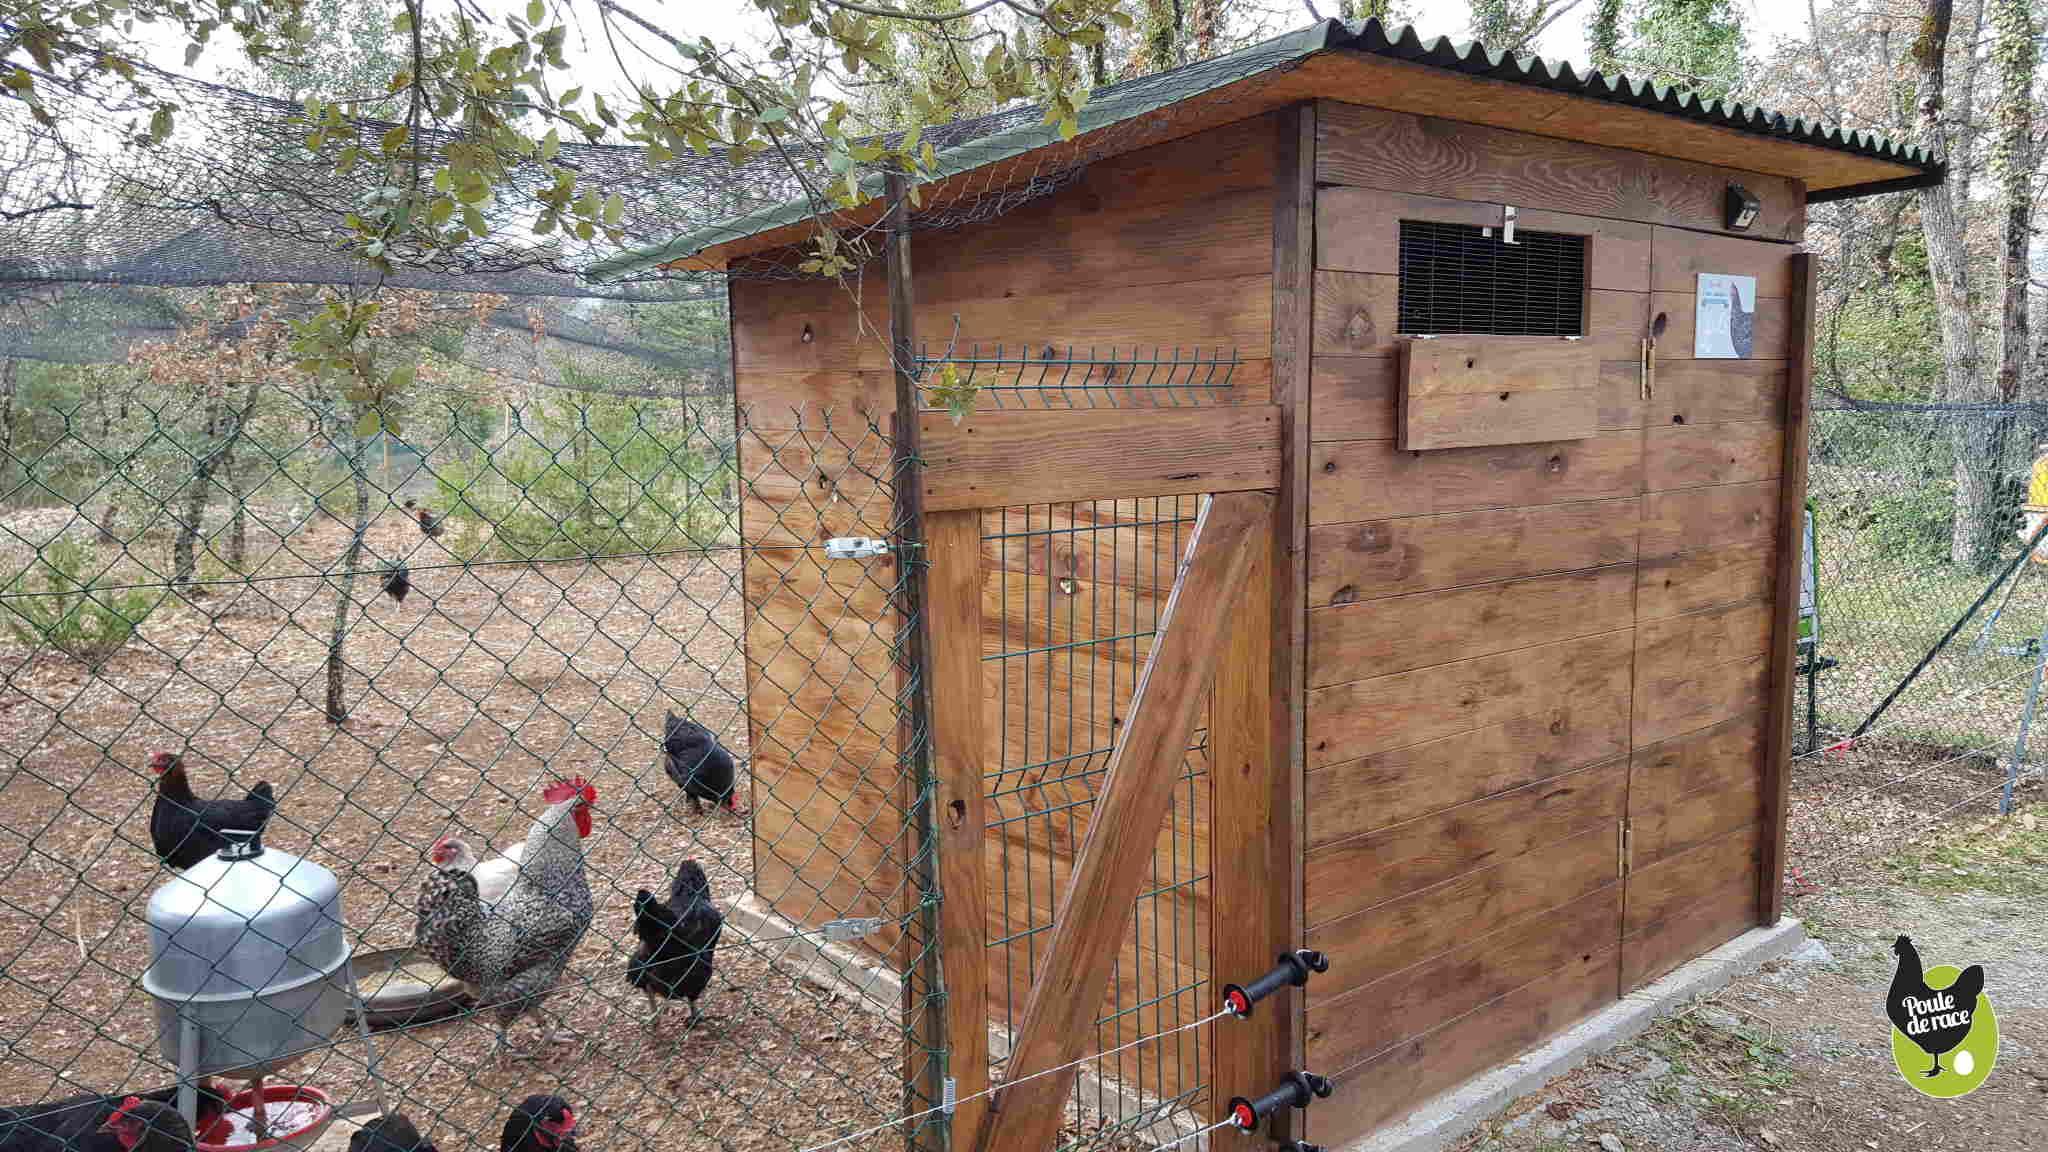 Envie d 39 un poulailler dans votre jardin d couvrez les r gles en la mati re - Nourrir un herisson dans son jardin ...